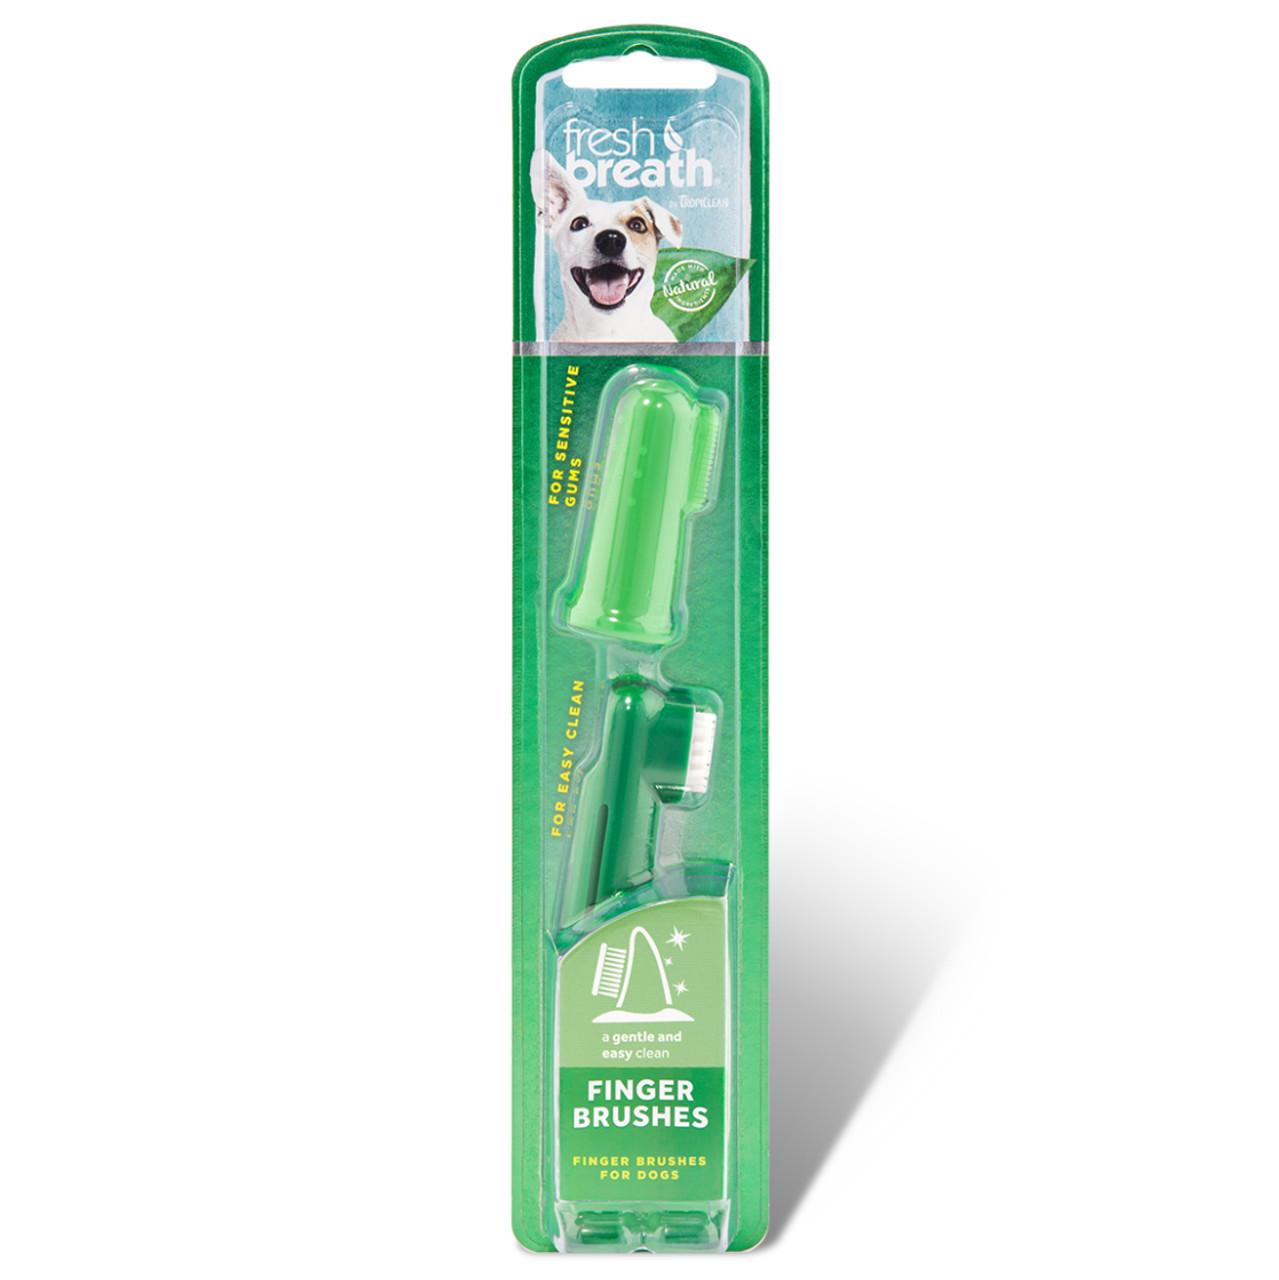 Fresh Breath Finger Brushes for Dogs